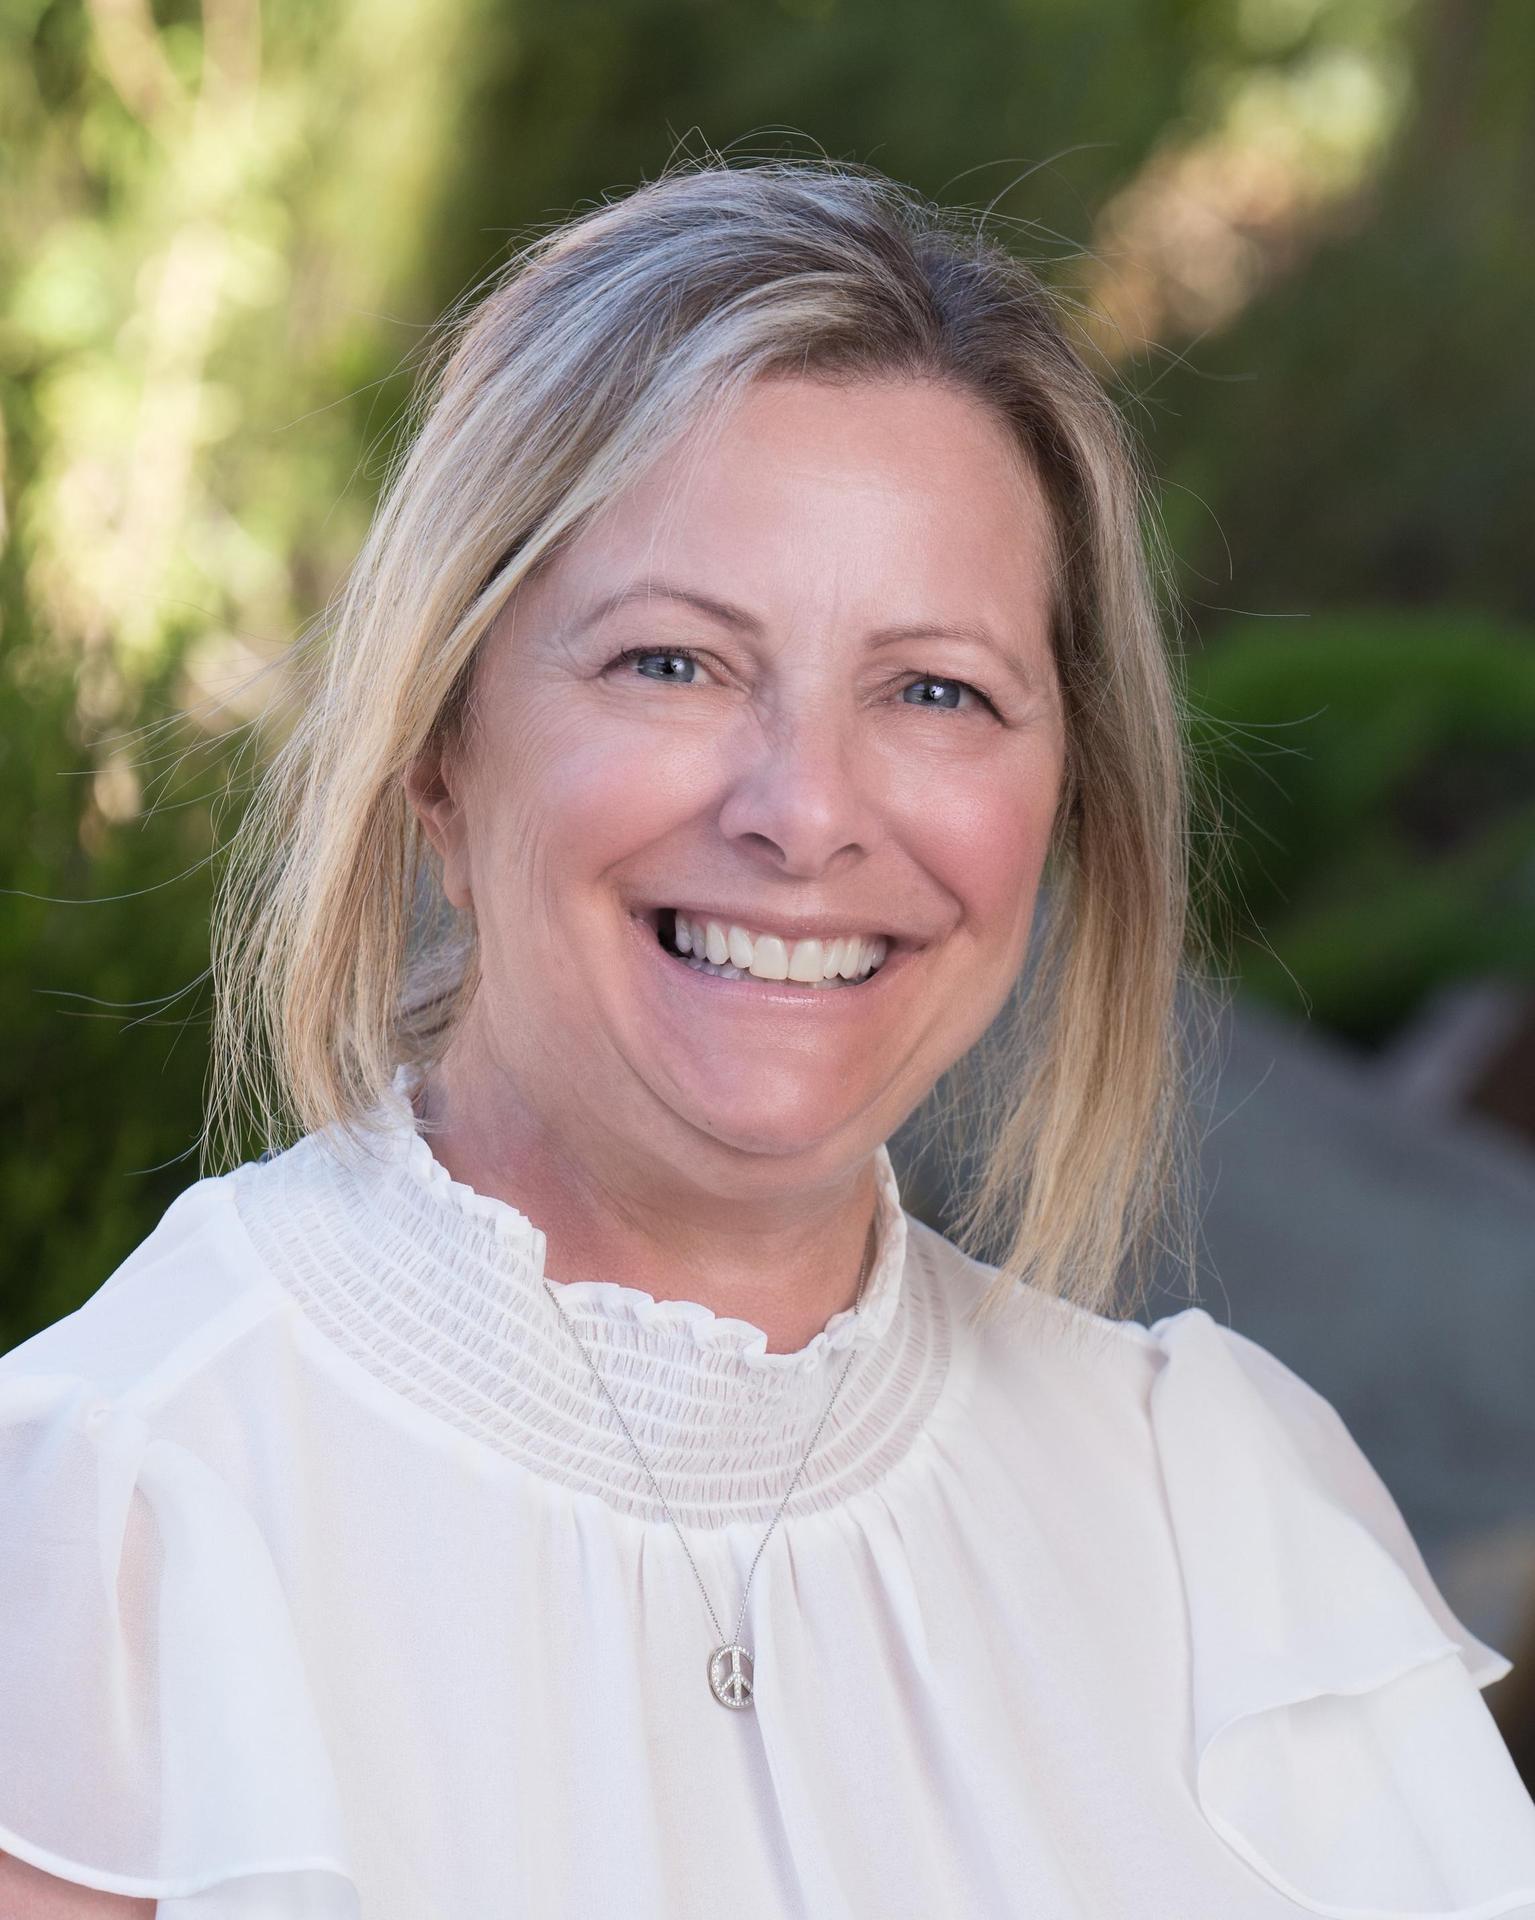 Picture of Pam Edgington